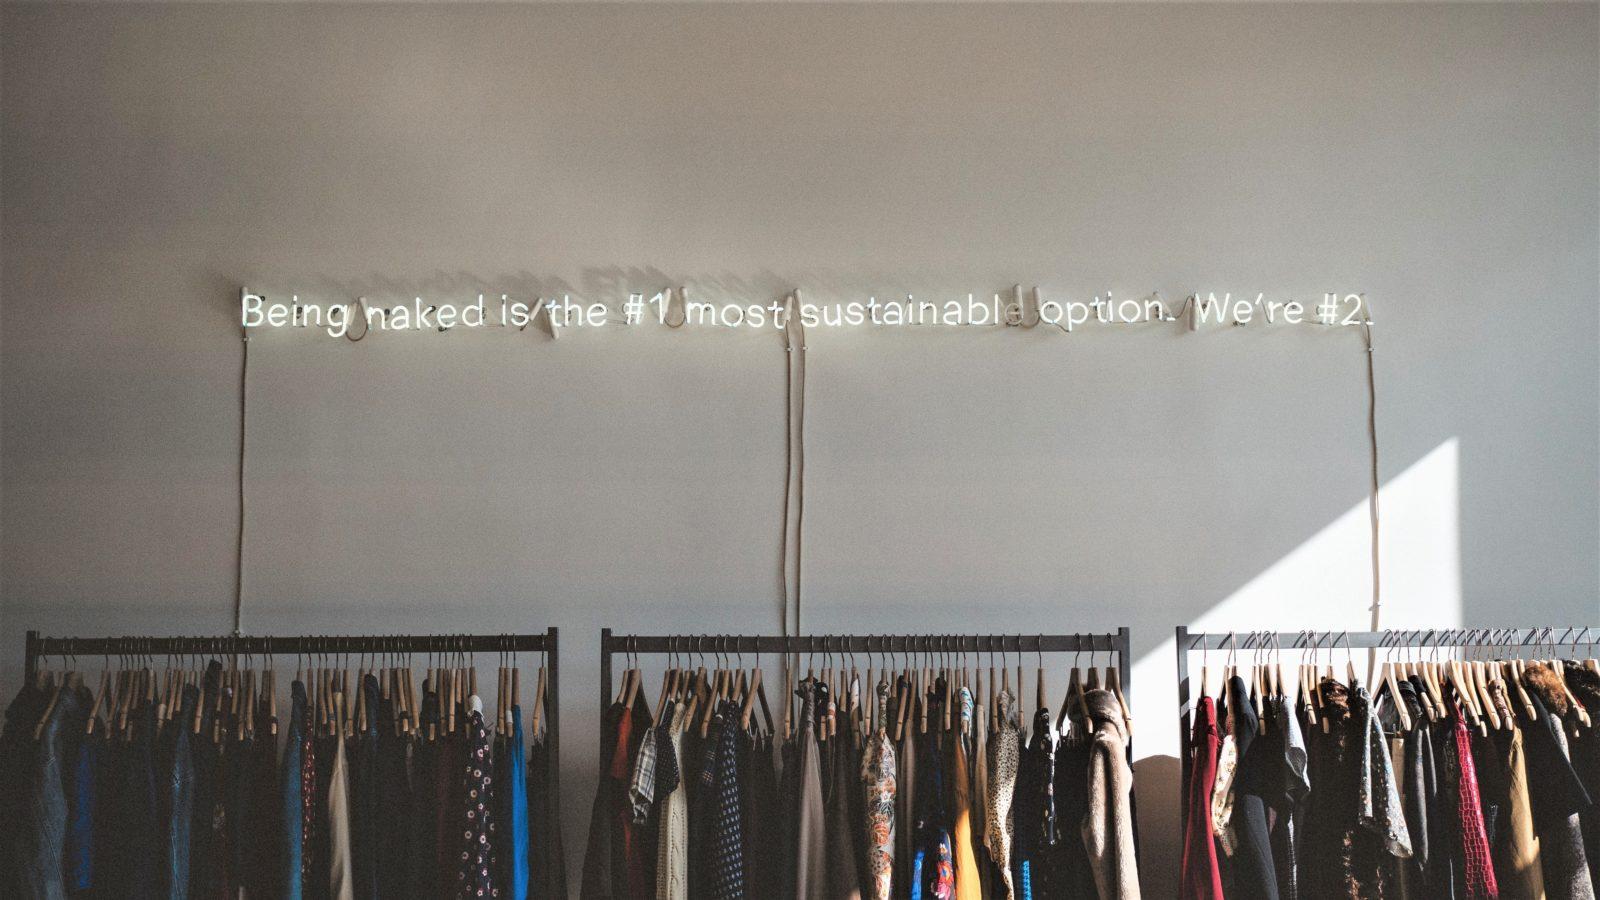 slovar trajnostni izrazi moda